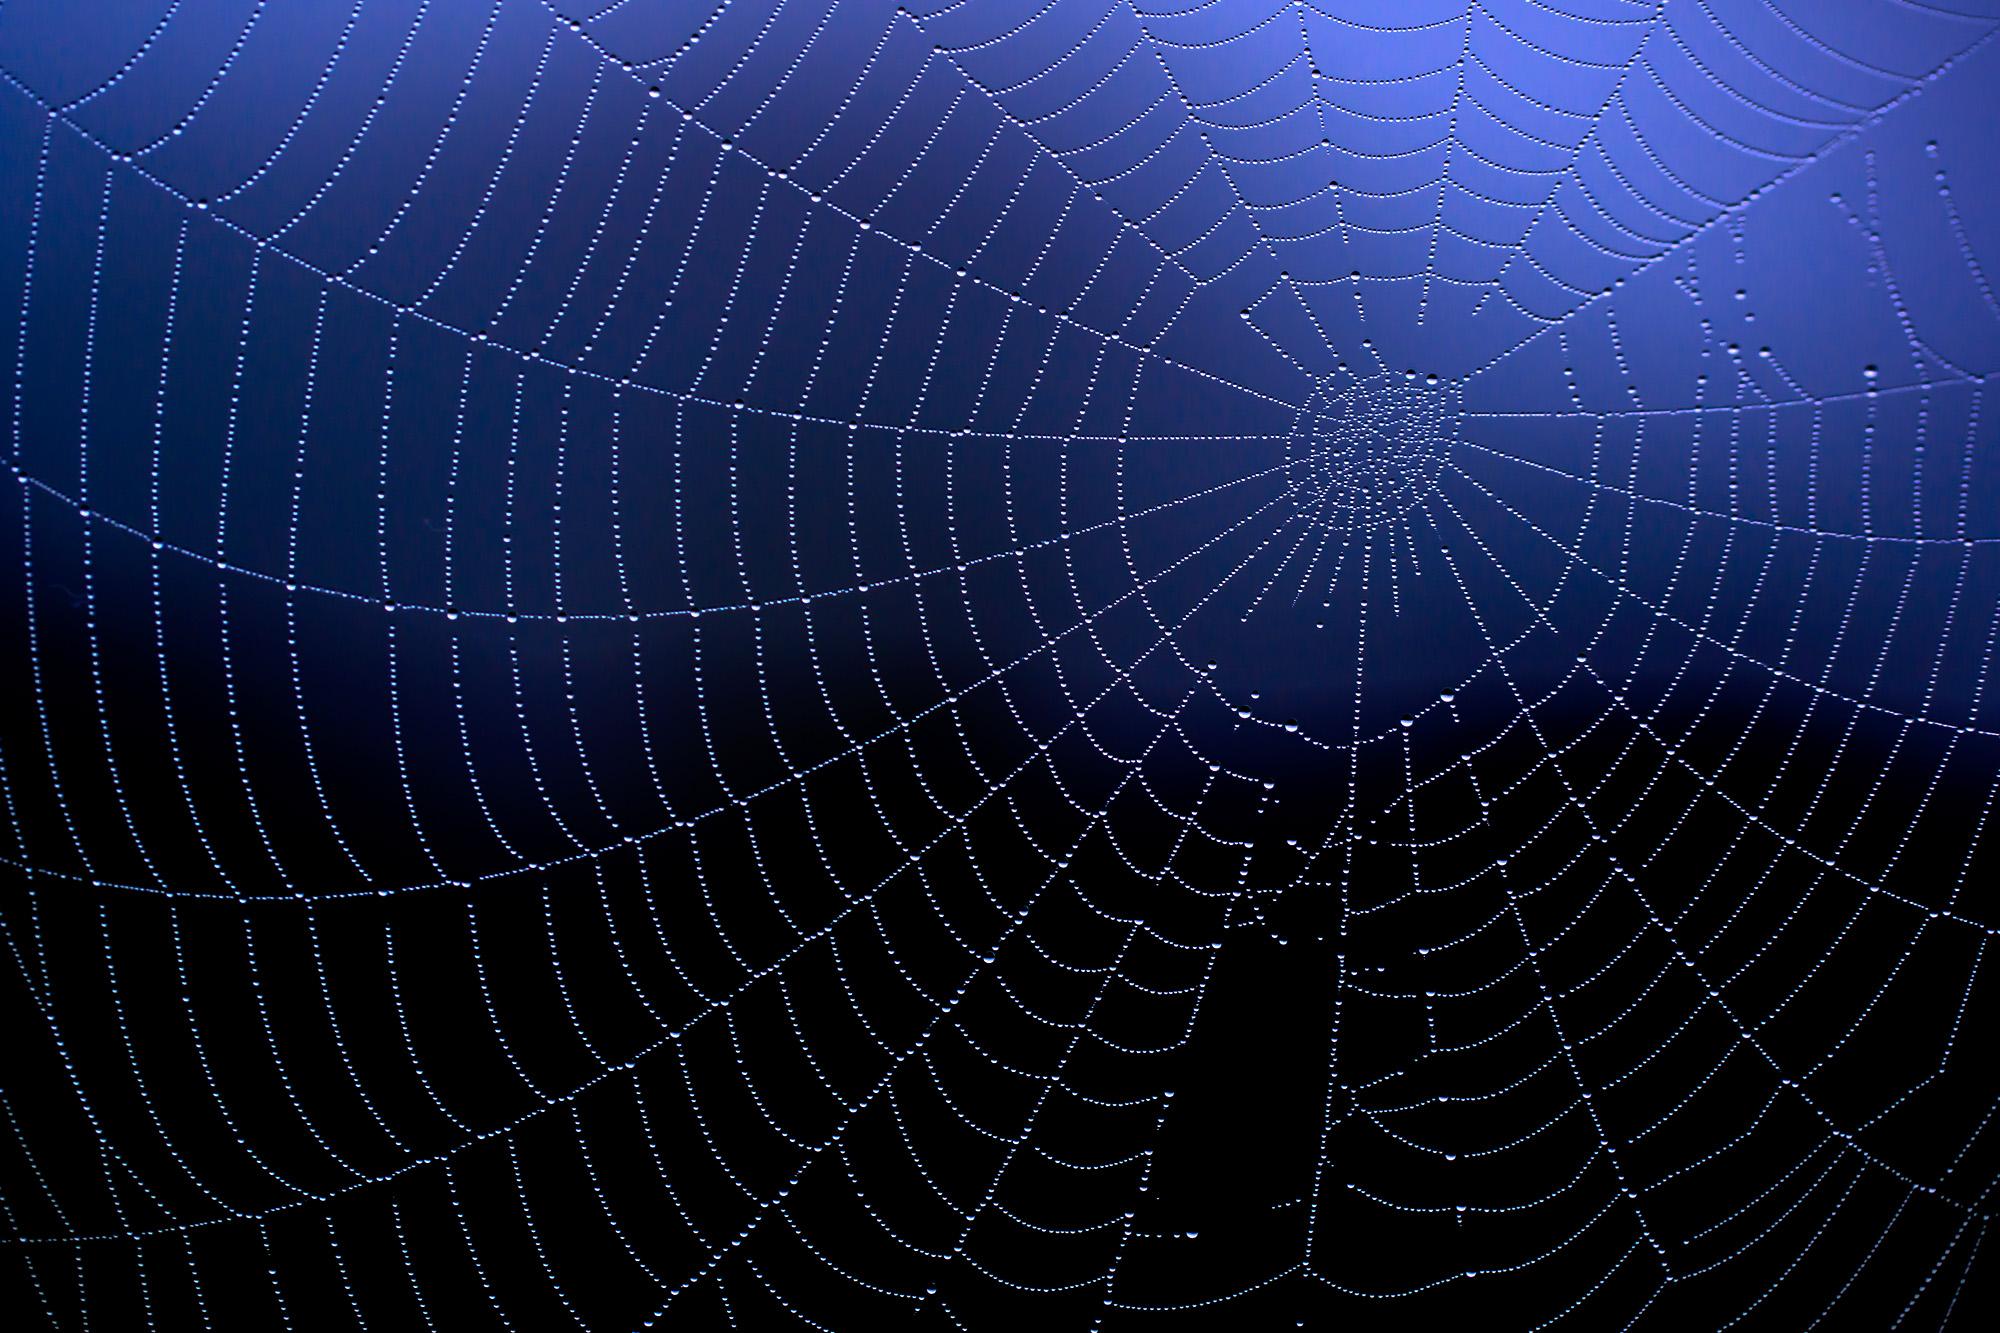 Aufruf zur Bilddiskussion – hier: Spinnennetz mit Tautropfen